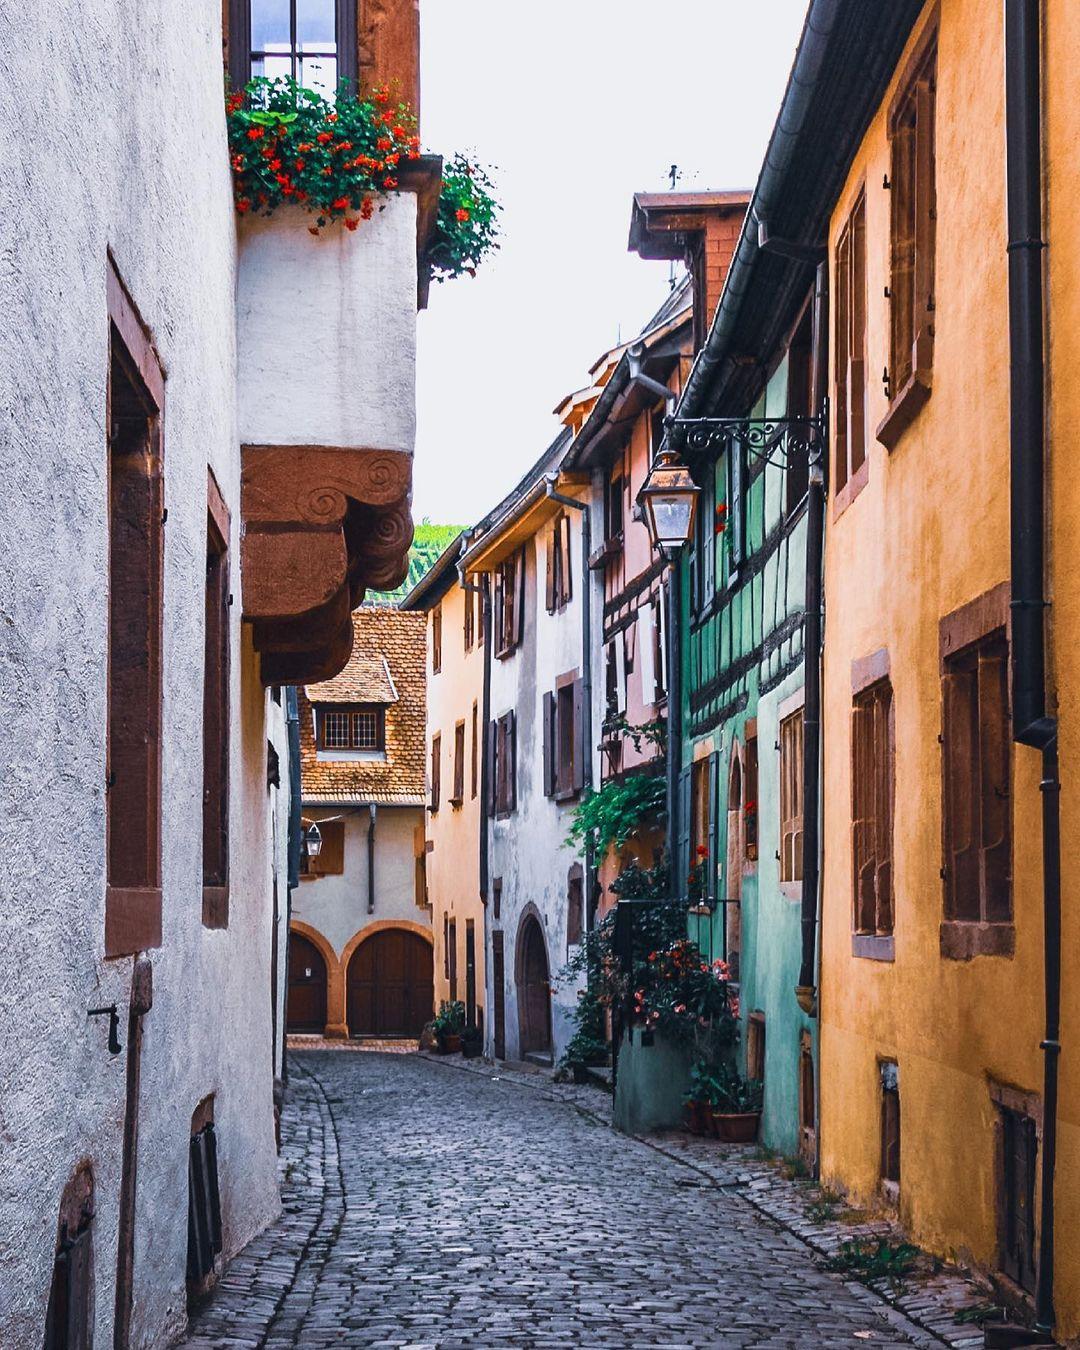 Улицы и архитектура Дании на снимках Адама Бросбеля